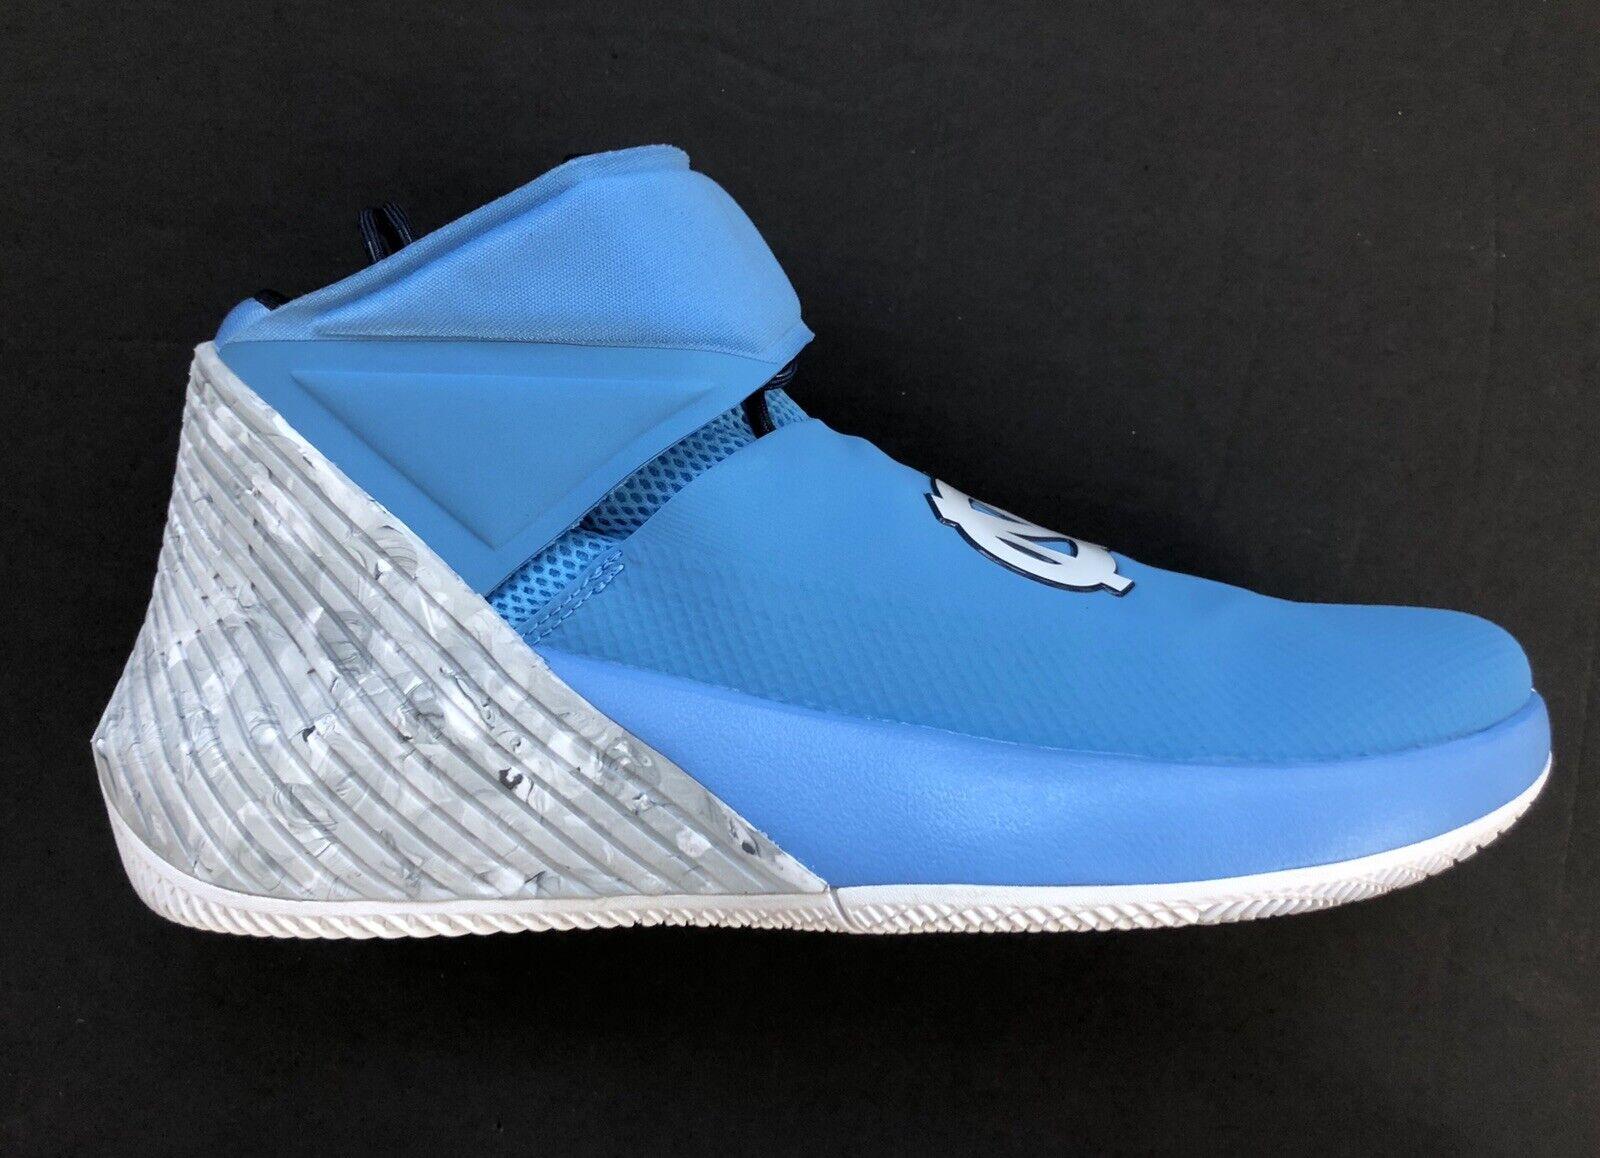 Nike Jordan Perché non Zero.1 North  Carolina Tar Heels Scarpe AA2510 -402 Dimensione 10  risparmiare sulla liquidazione